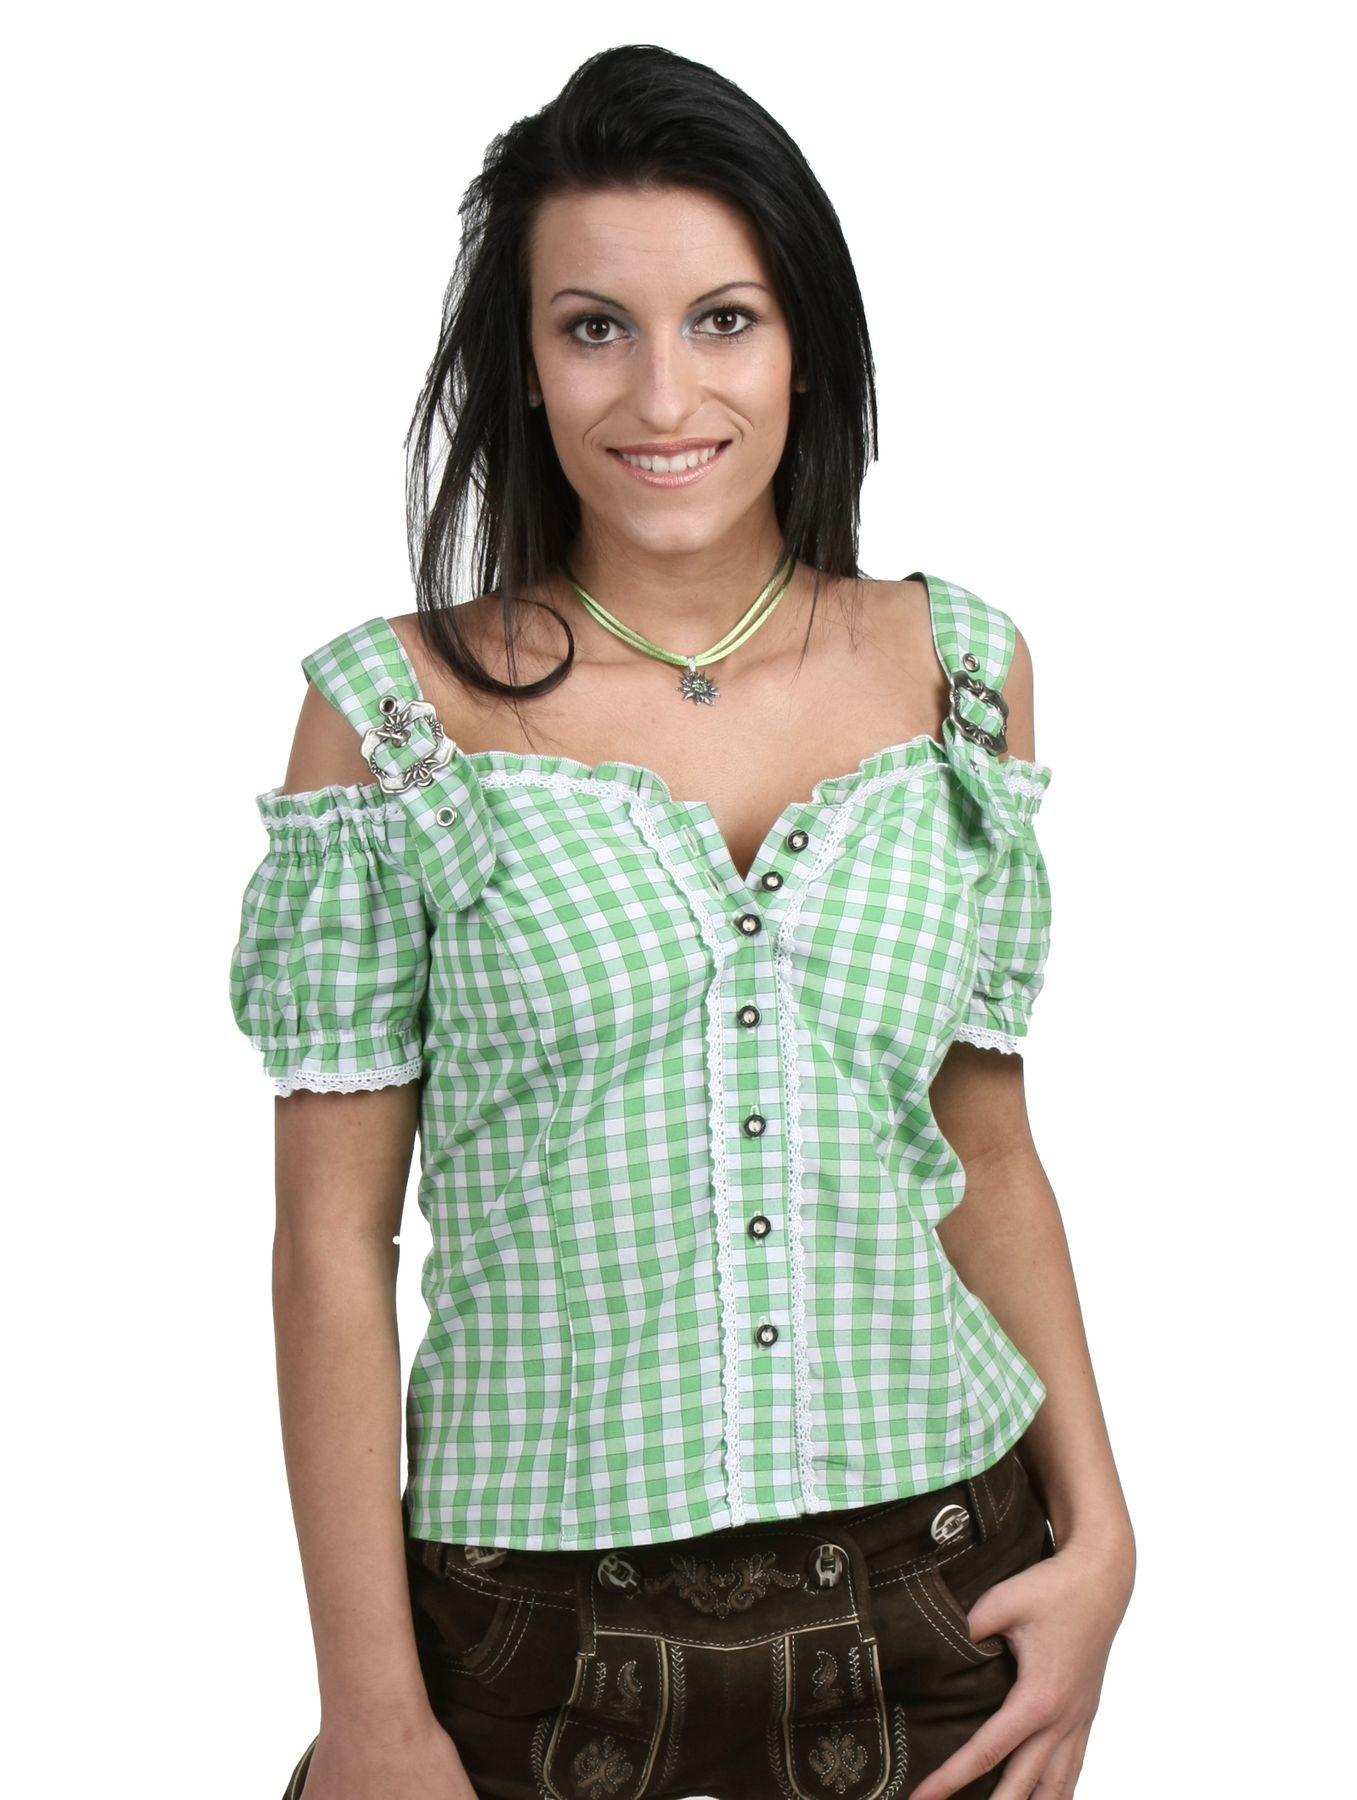 Fuchs Trachten - Damen Trachten Bluse in versch. Farben, (Artikelnummer: 4537) – Bild 5